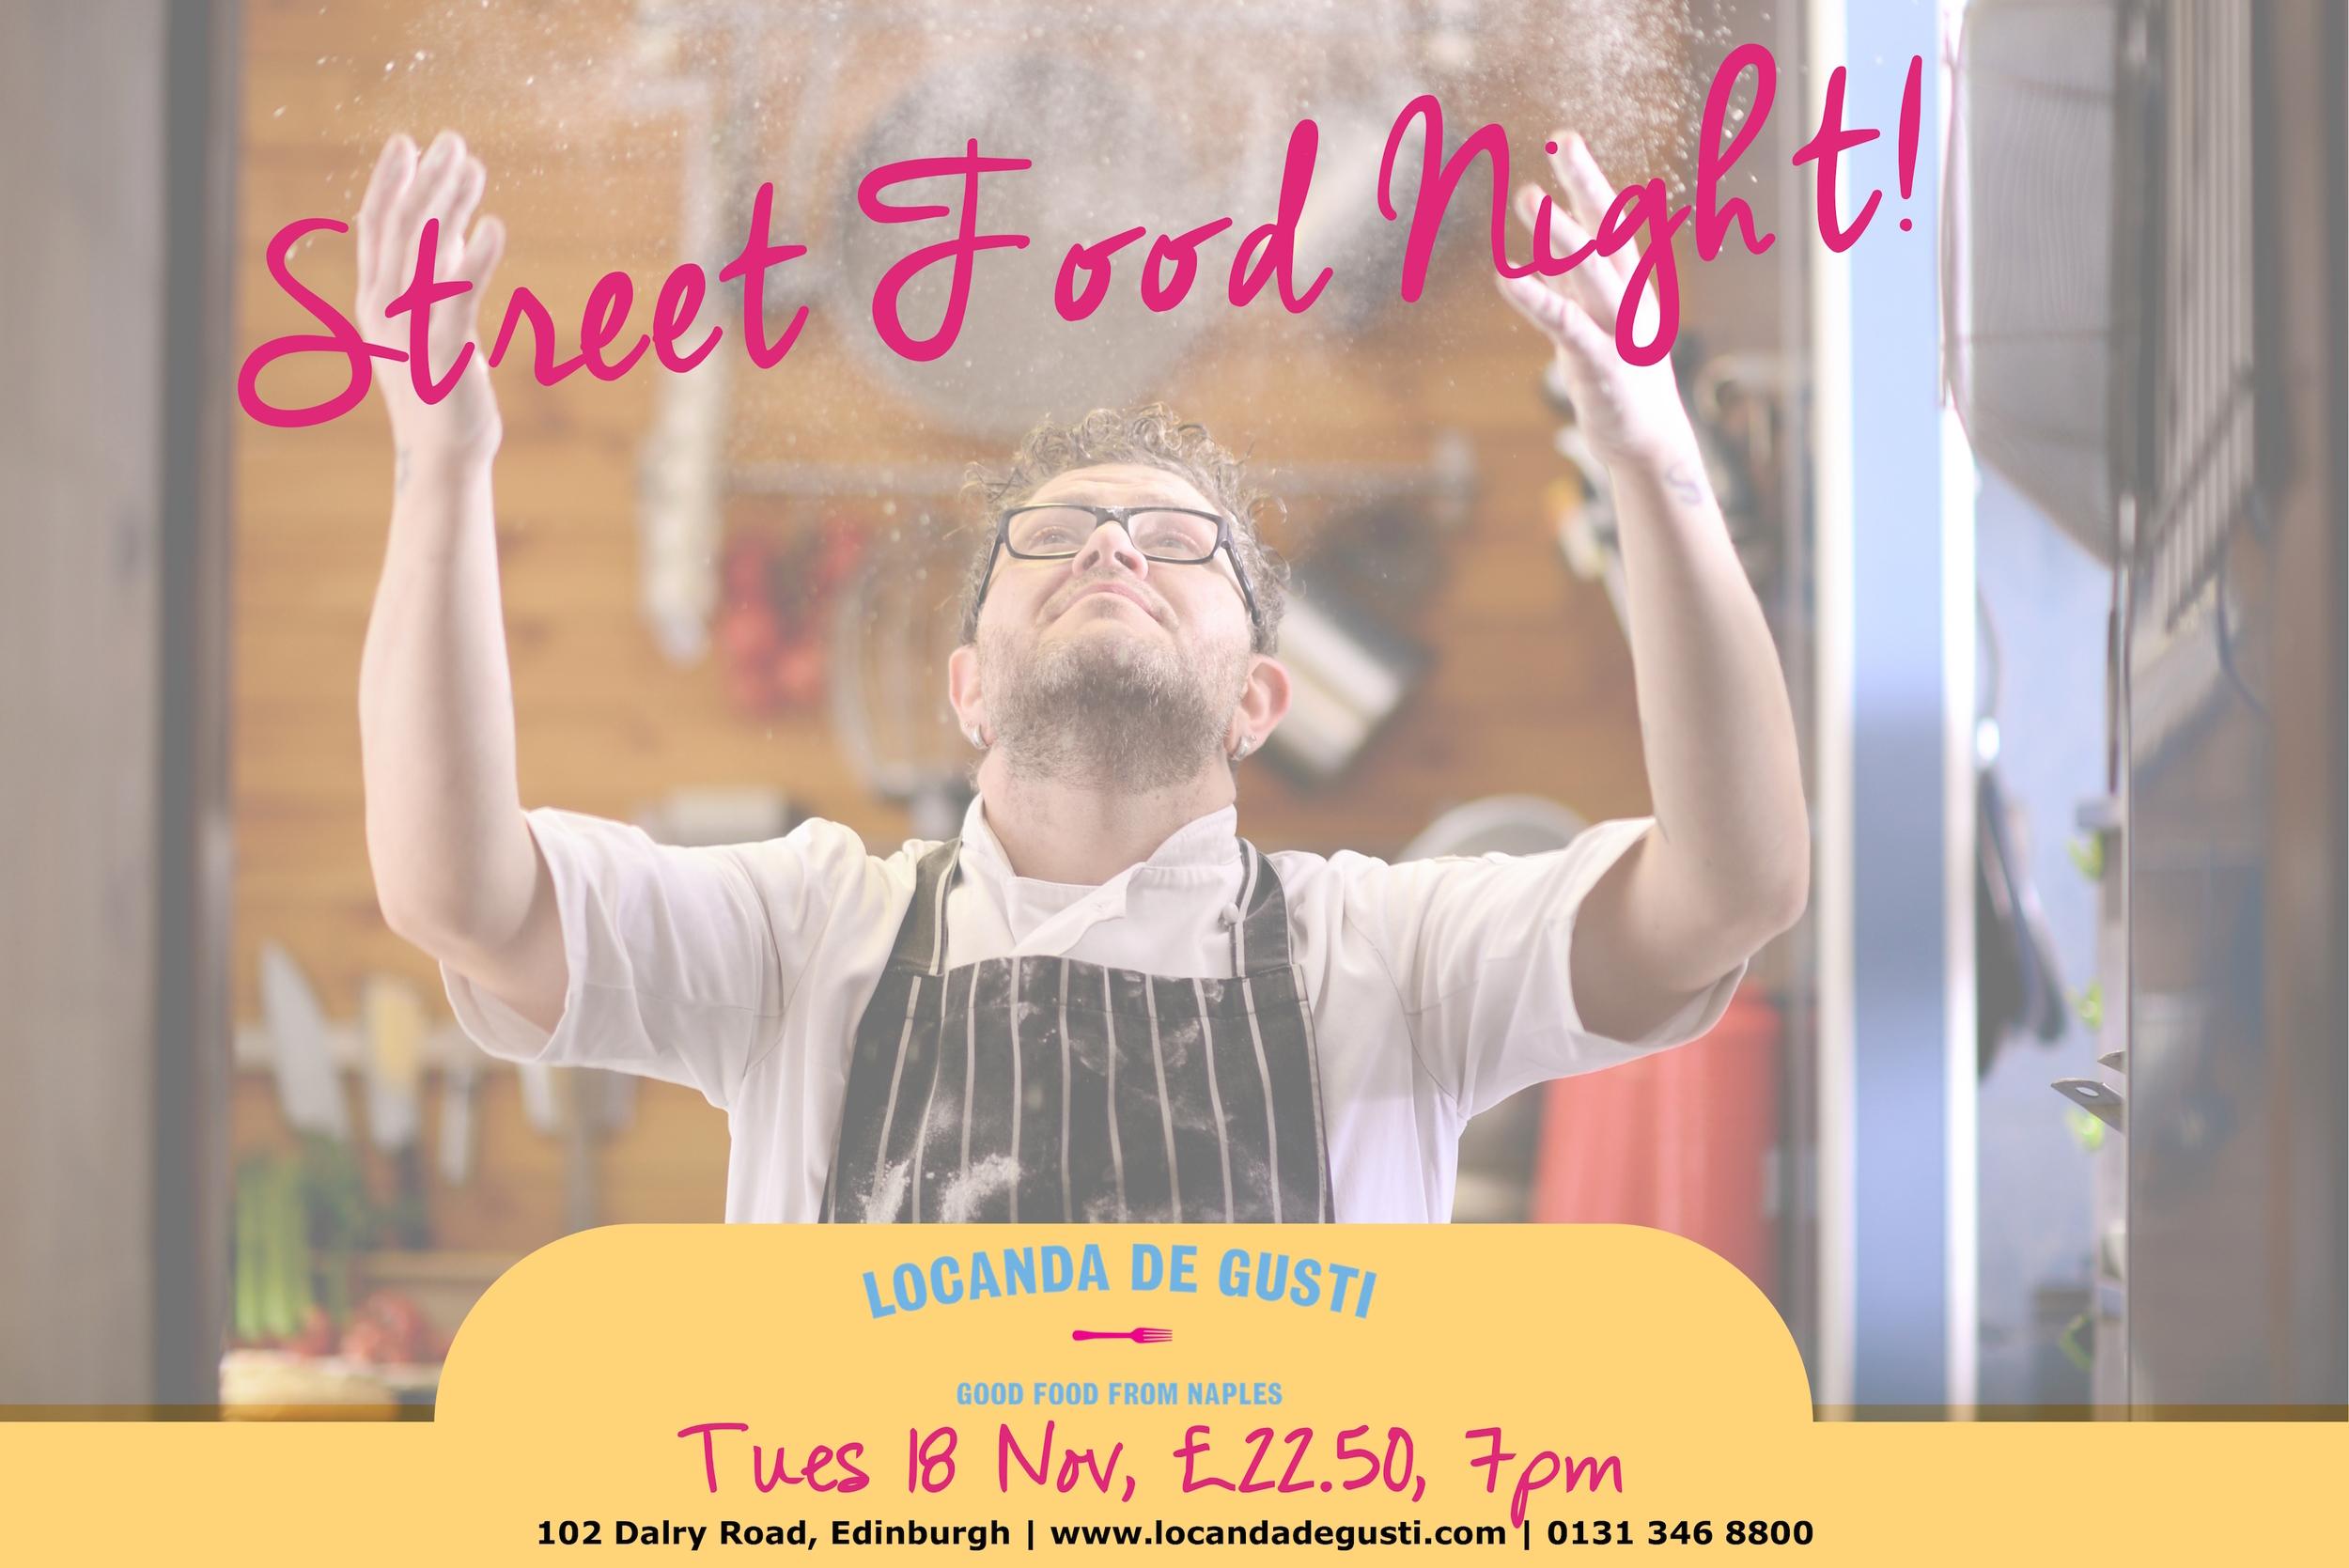 Street Food Night Locanda JPG Facebook.jpg